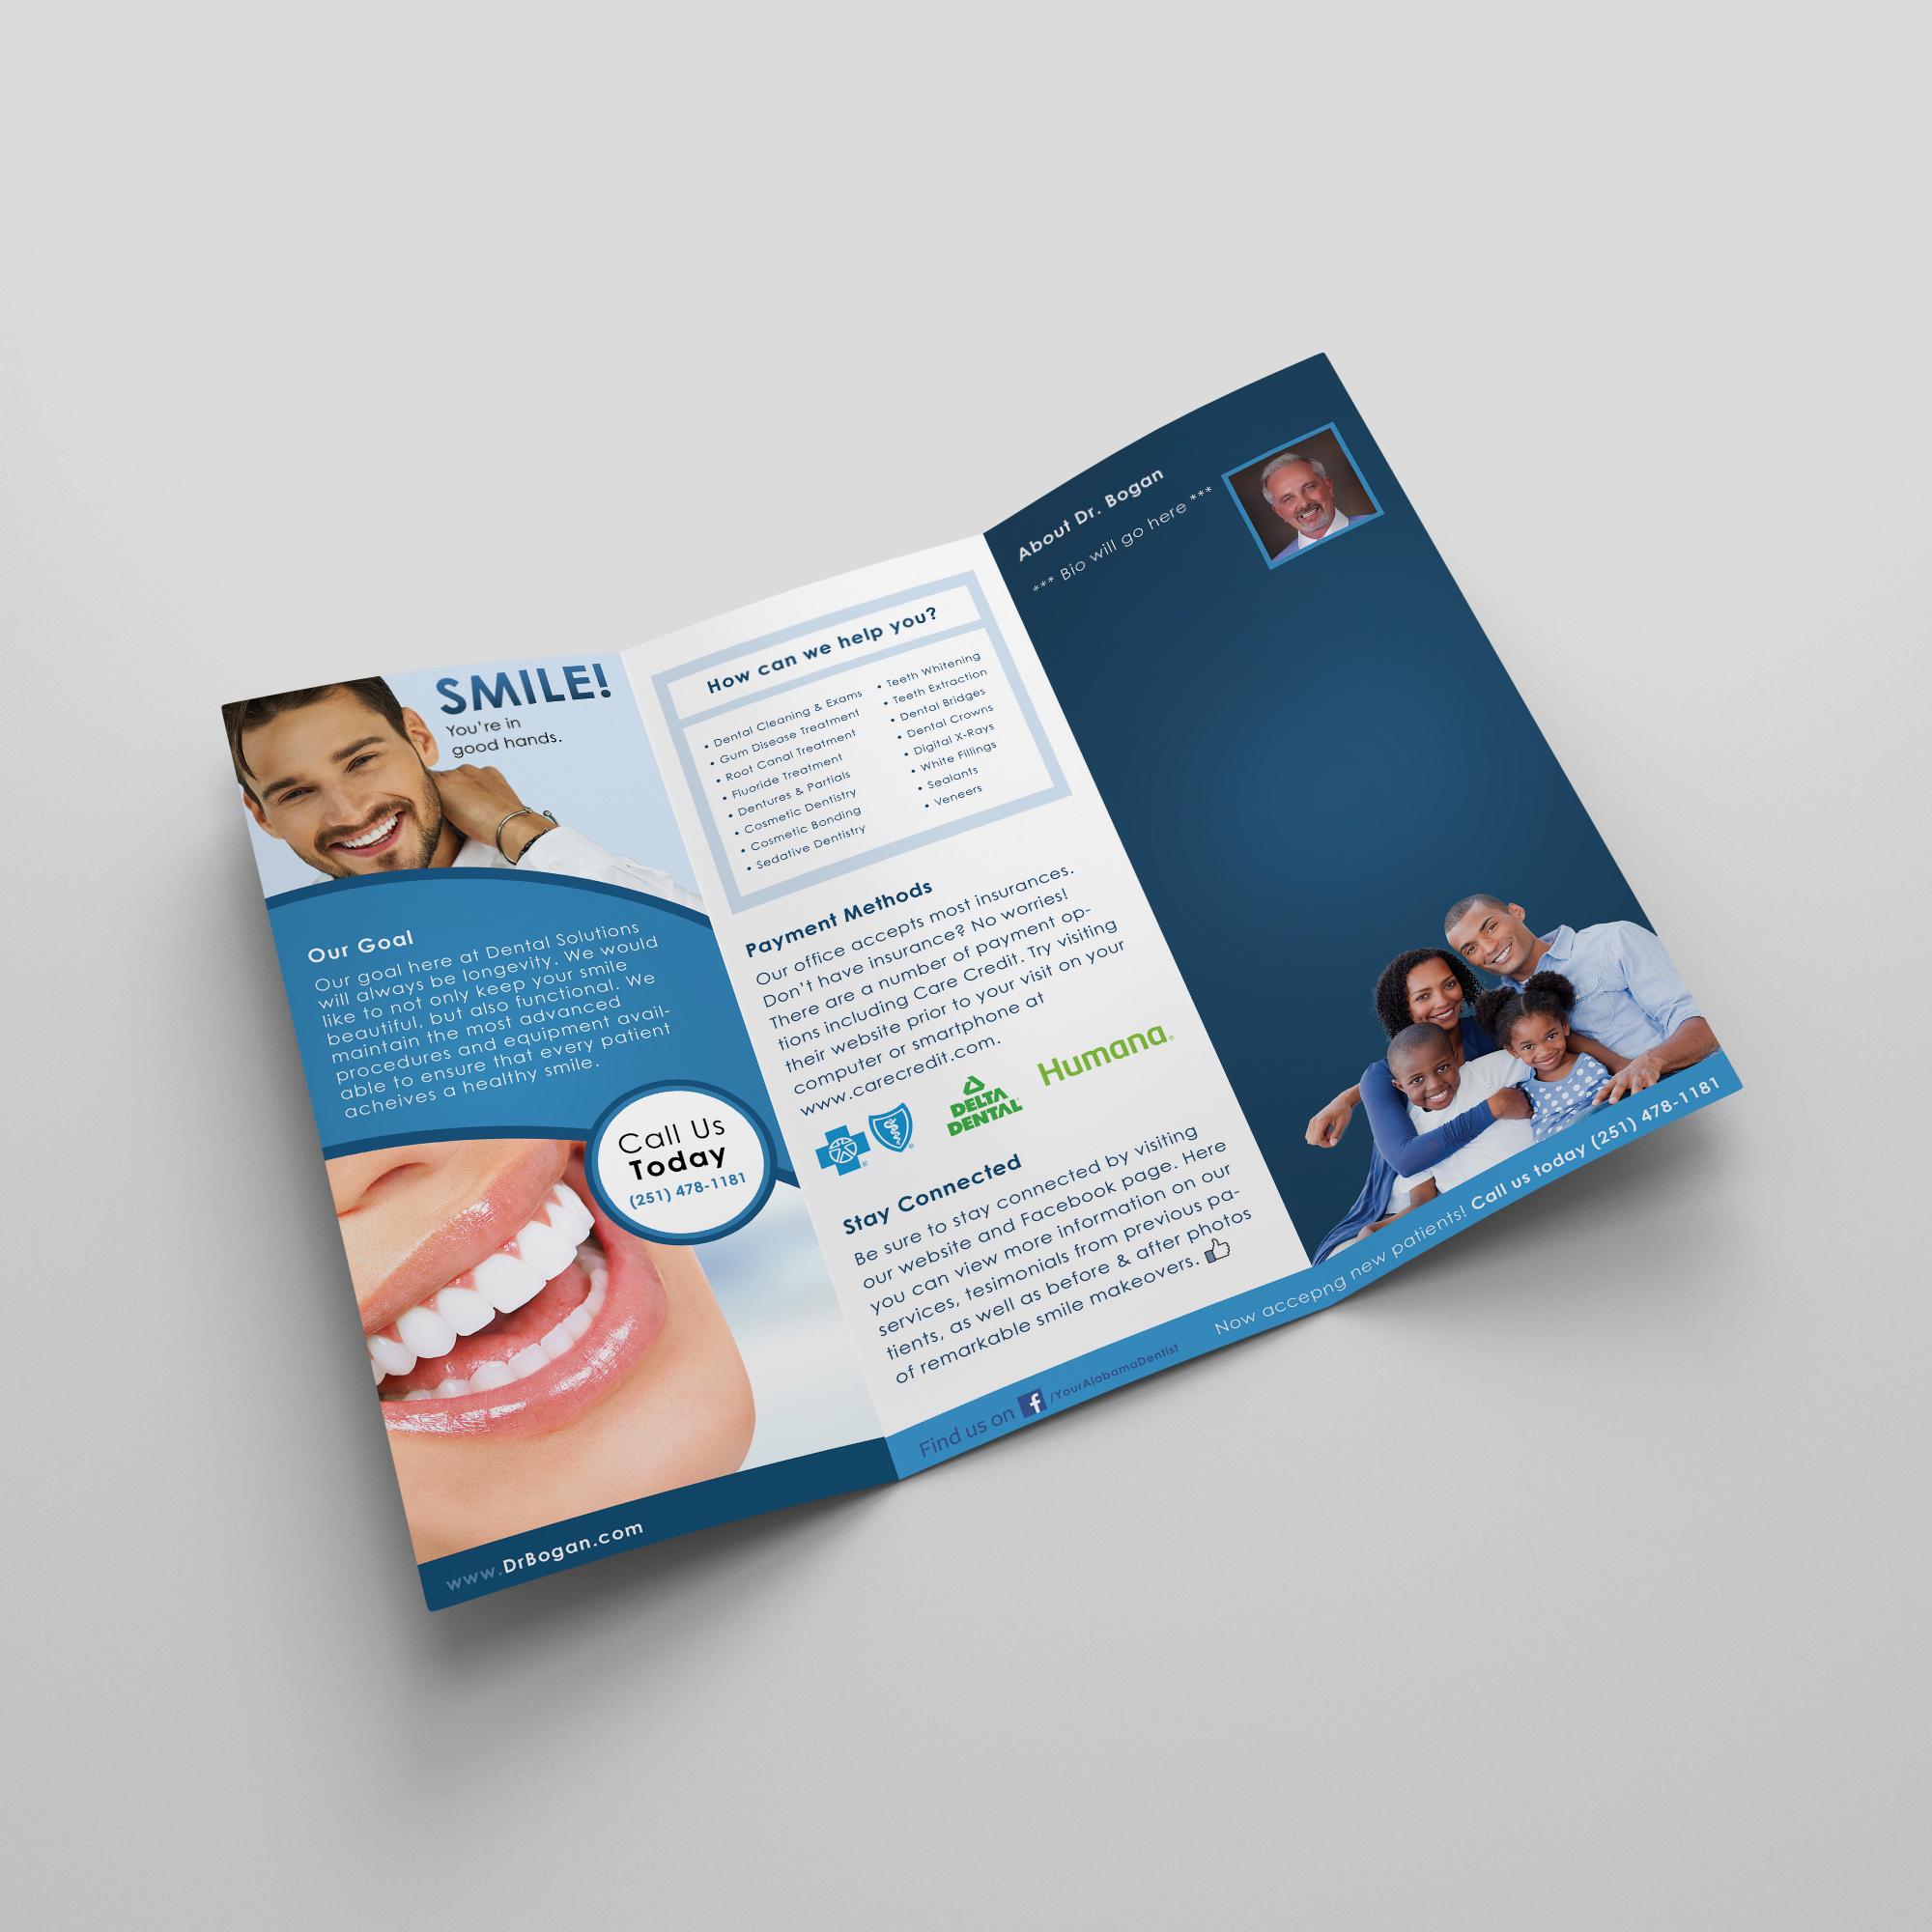 Back of Brochure for Dental Solutions in Mobile, Alabama